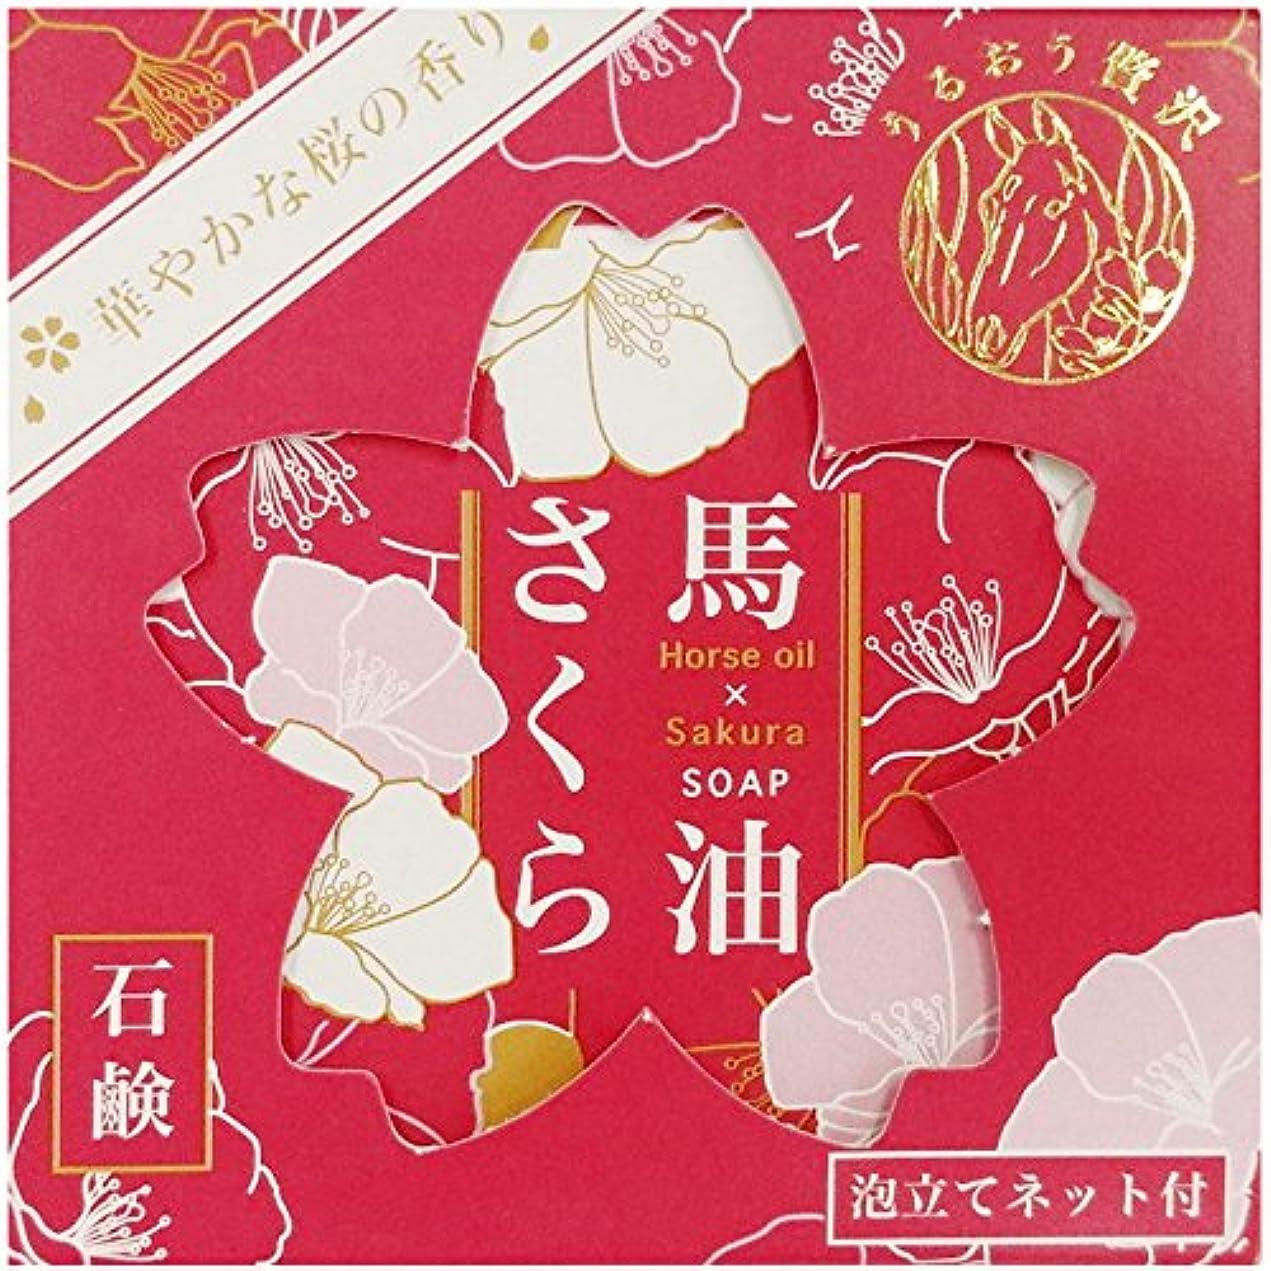 麦芽急速な寛容な馬油さくら石鹸 (泡立てネット付き)(100g)